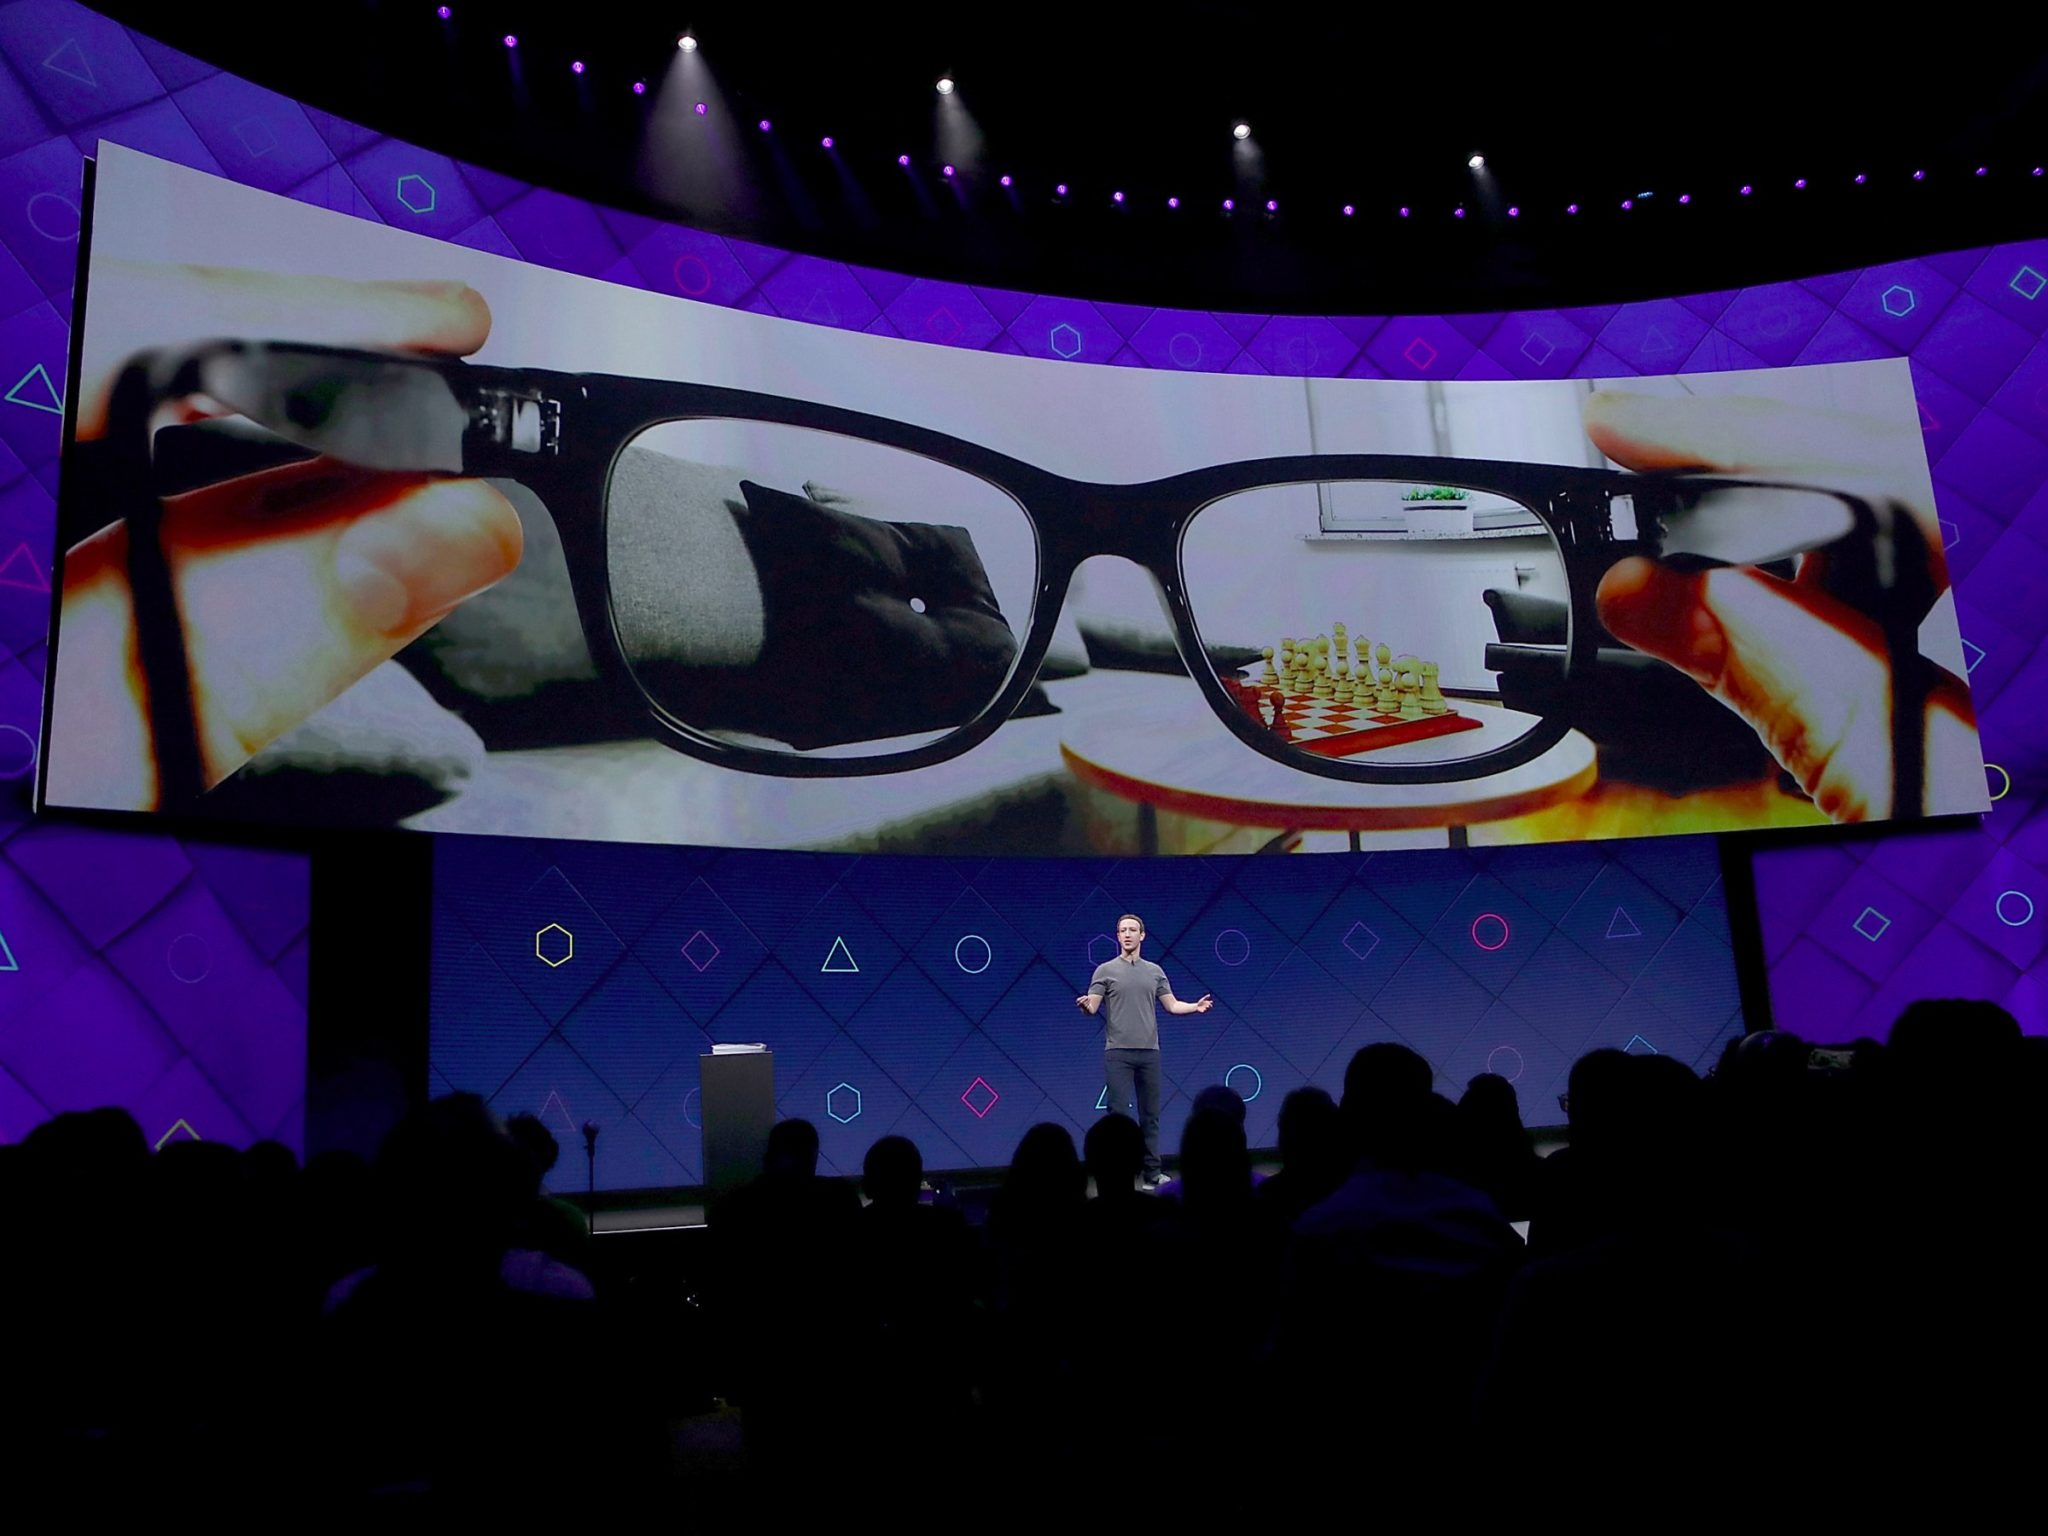 Un nouveau brevet révèle plus sur les lunettes AR de Facebook